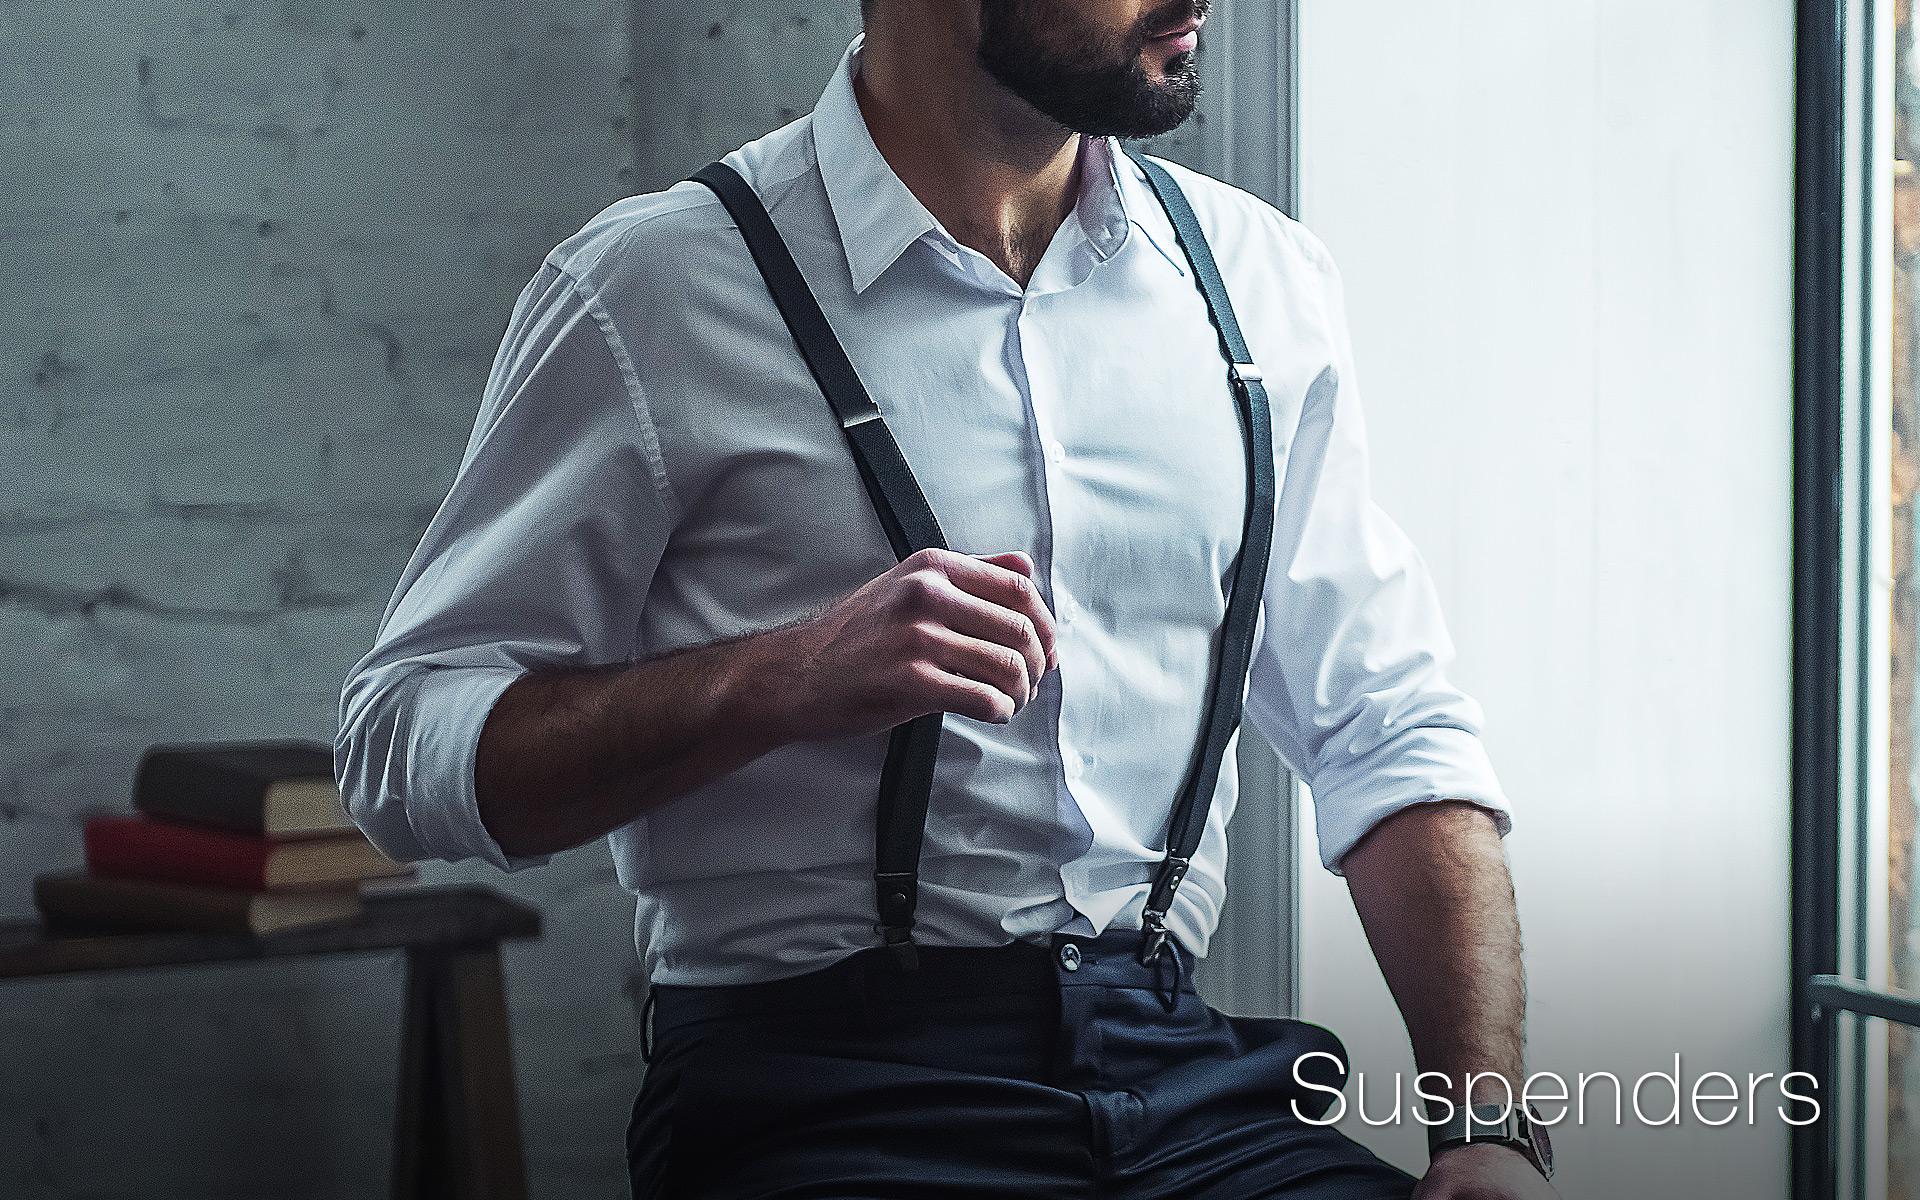 3D-AMENITIES_Suspenders_shutterstock_1058841560